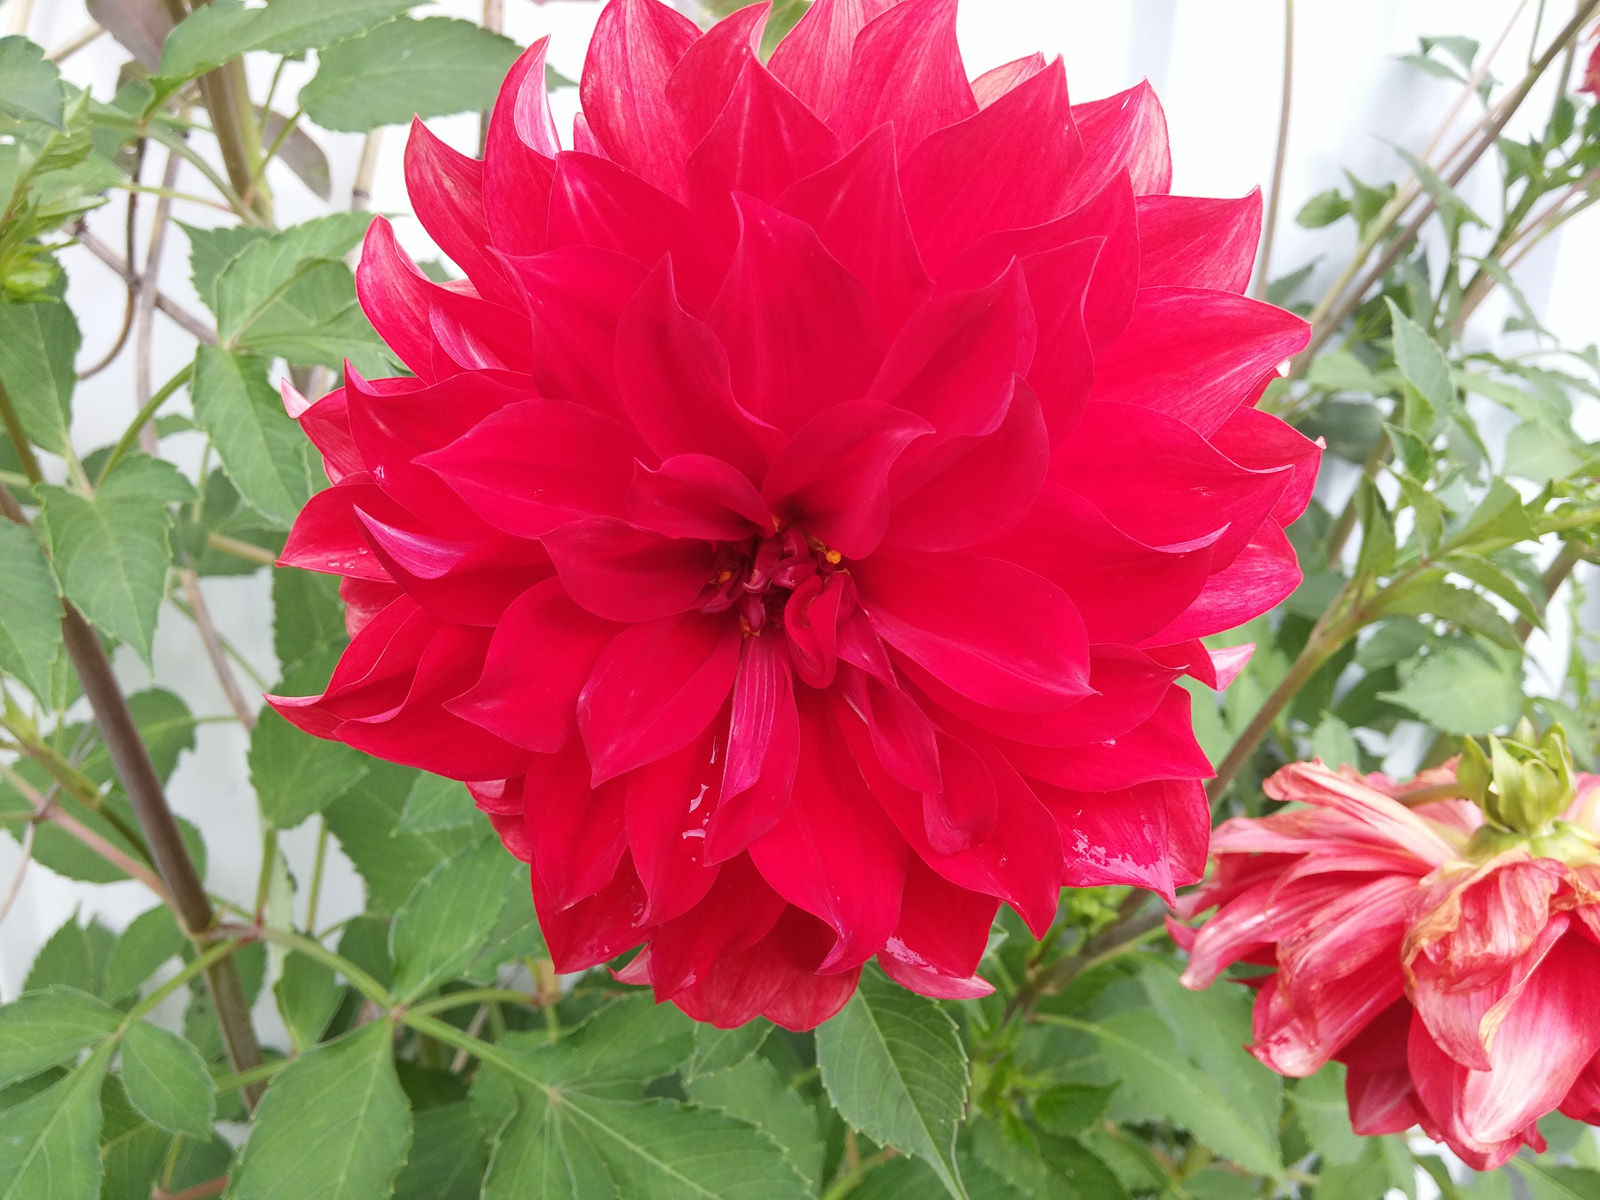 Яркий цветок (LG G3)